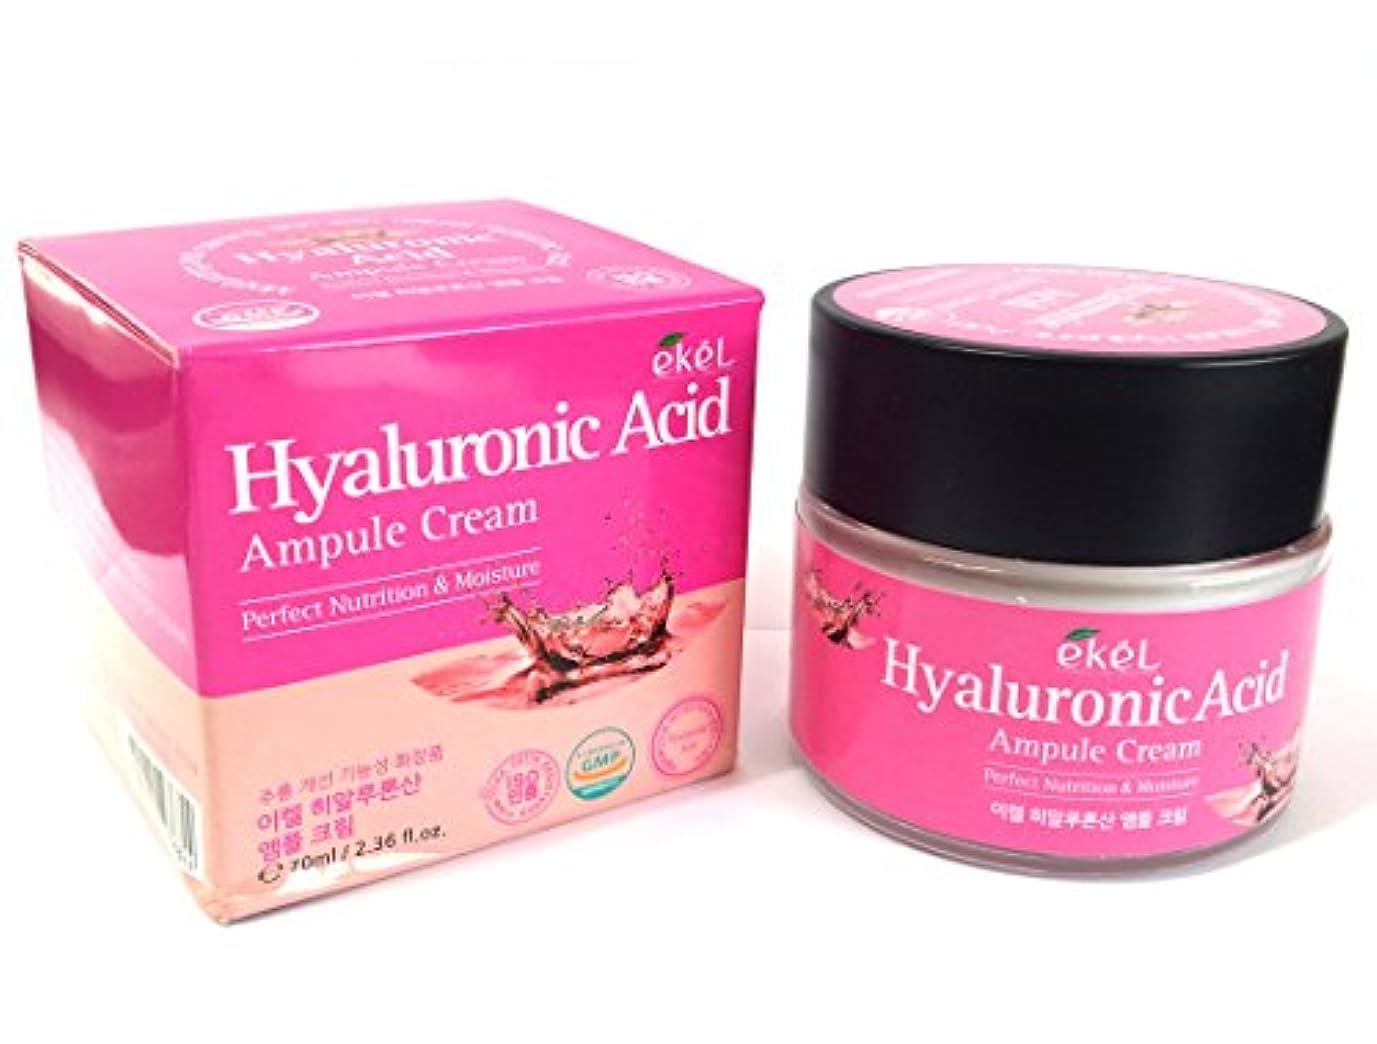 落ち着いた慰めあたり[EKEL] ヒアルロン酸アンプルクリーム70ml / 完璧な栄養と水分 / 韓国化粧品/ Hyaluronic Acid Ampule Cream 70ml / Perfect Nutrition & Moisture...